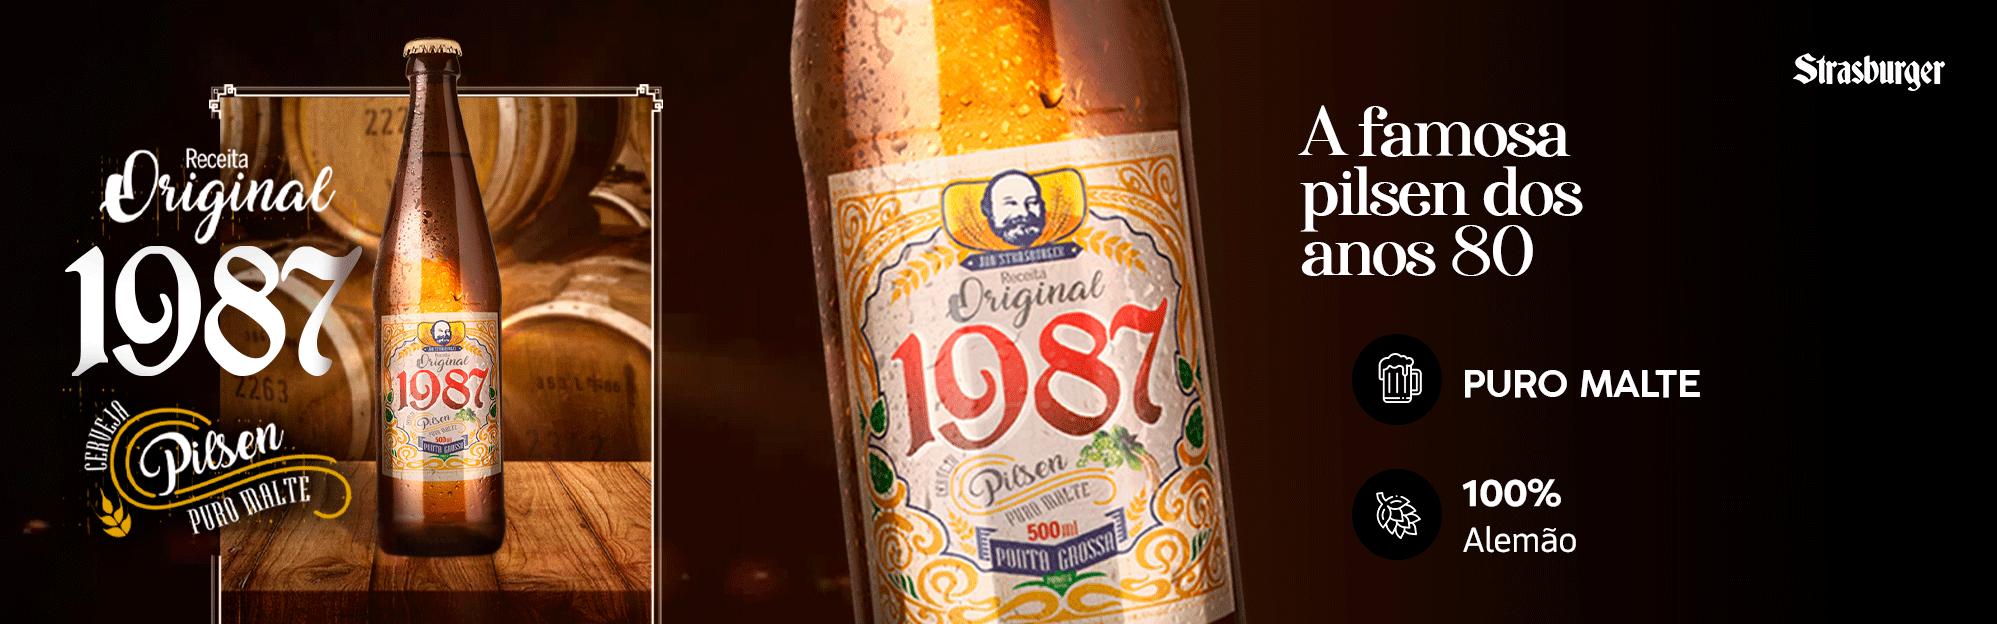 1897 ORIGINAL ANOS 80